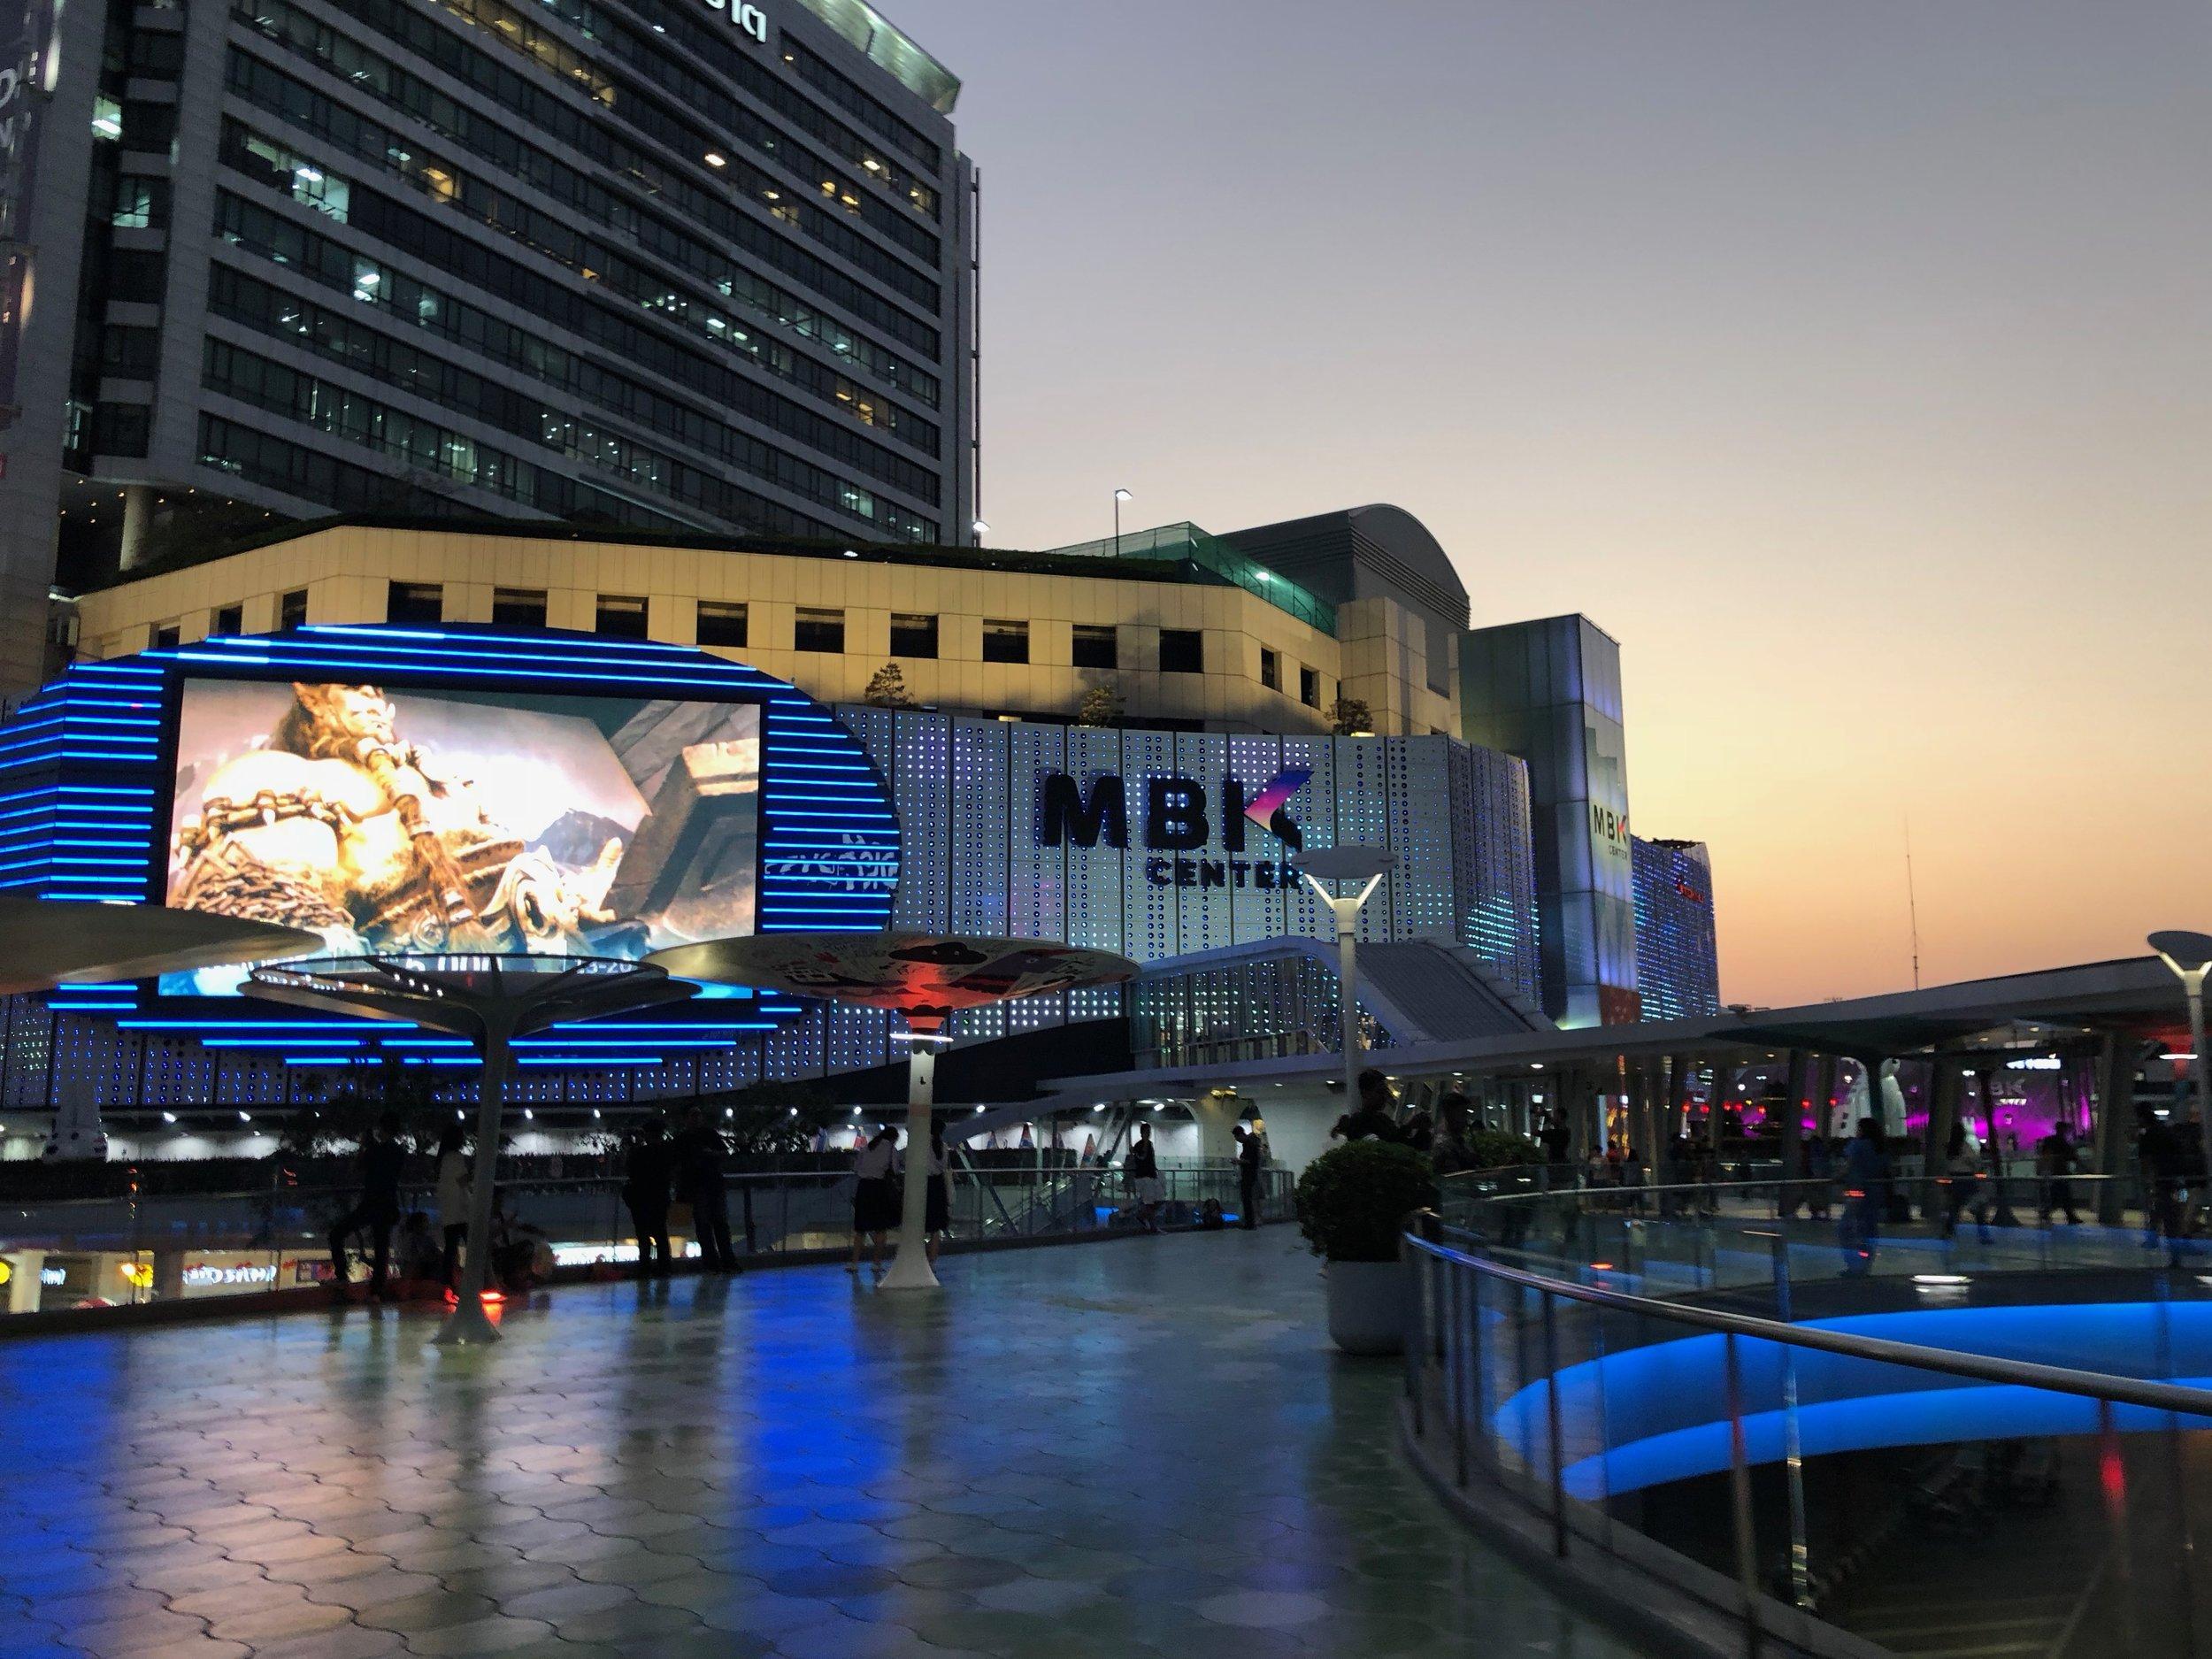 Al anochecer pude ver el centro comercial comenzar aprender sus luces.